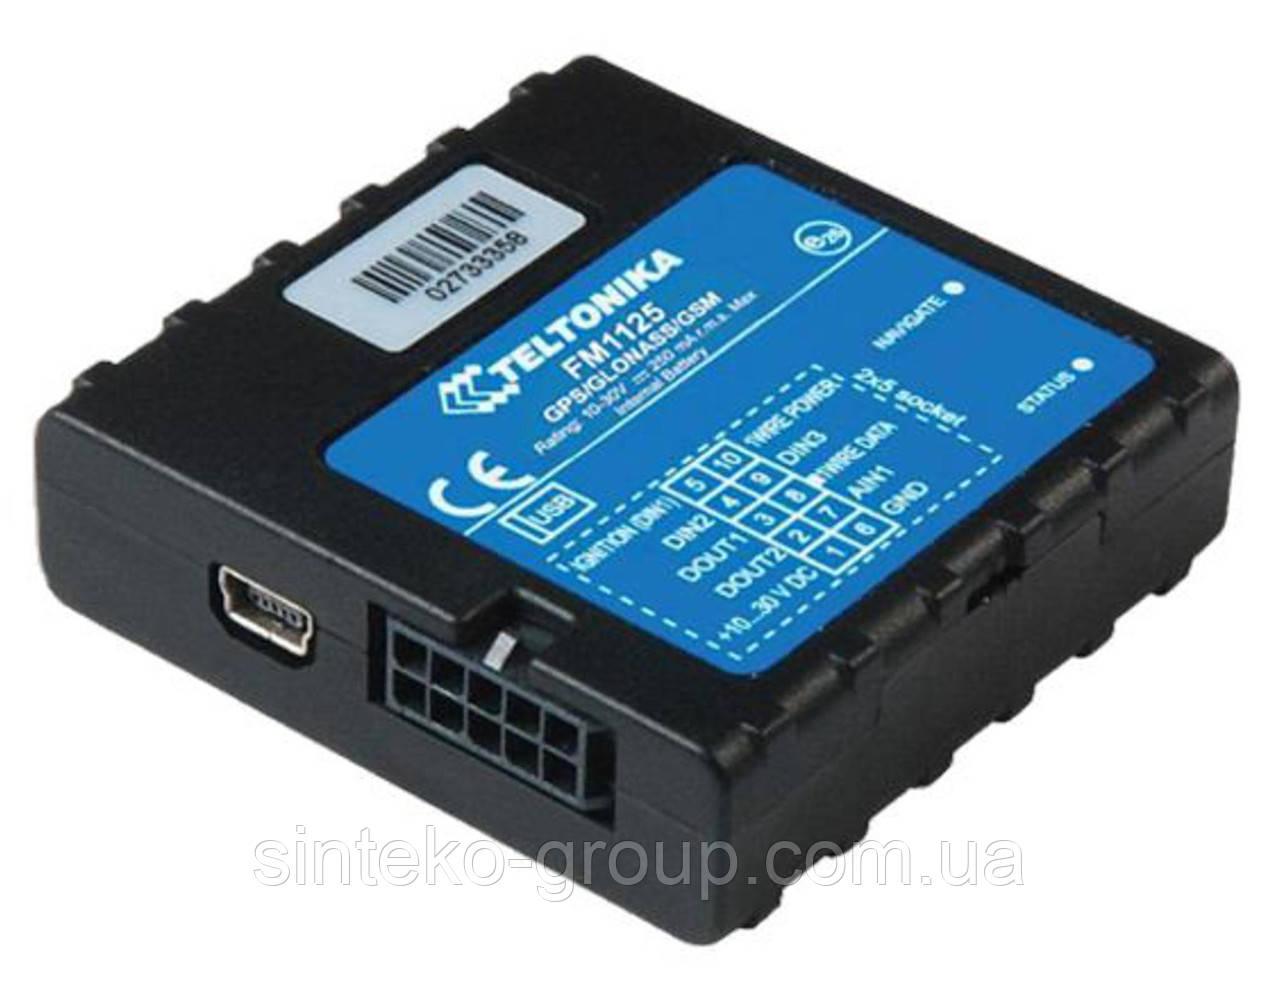 Автомобільний GPS трекер Teltonika FM1120